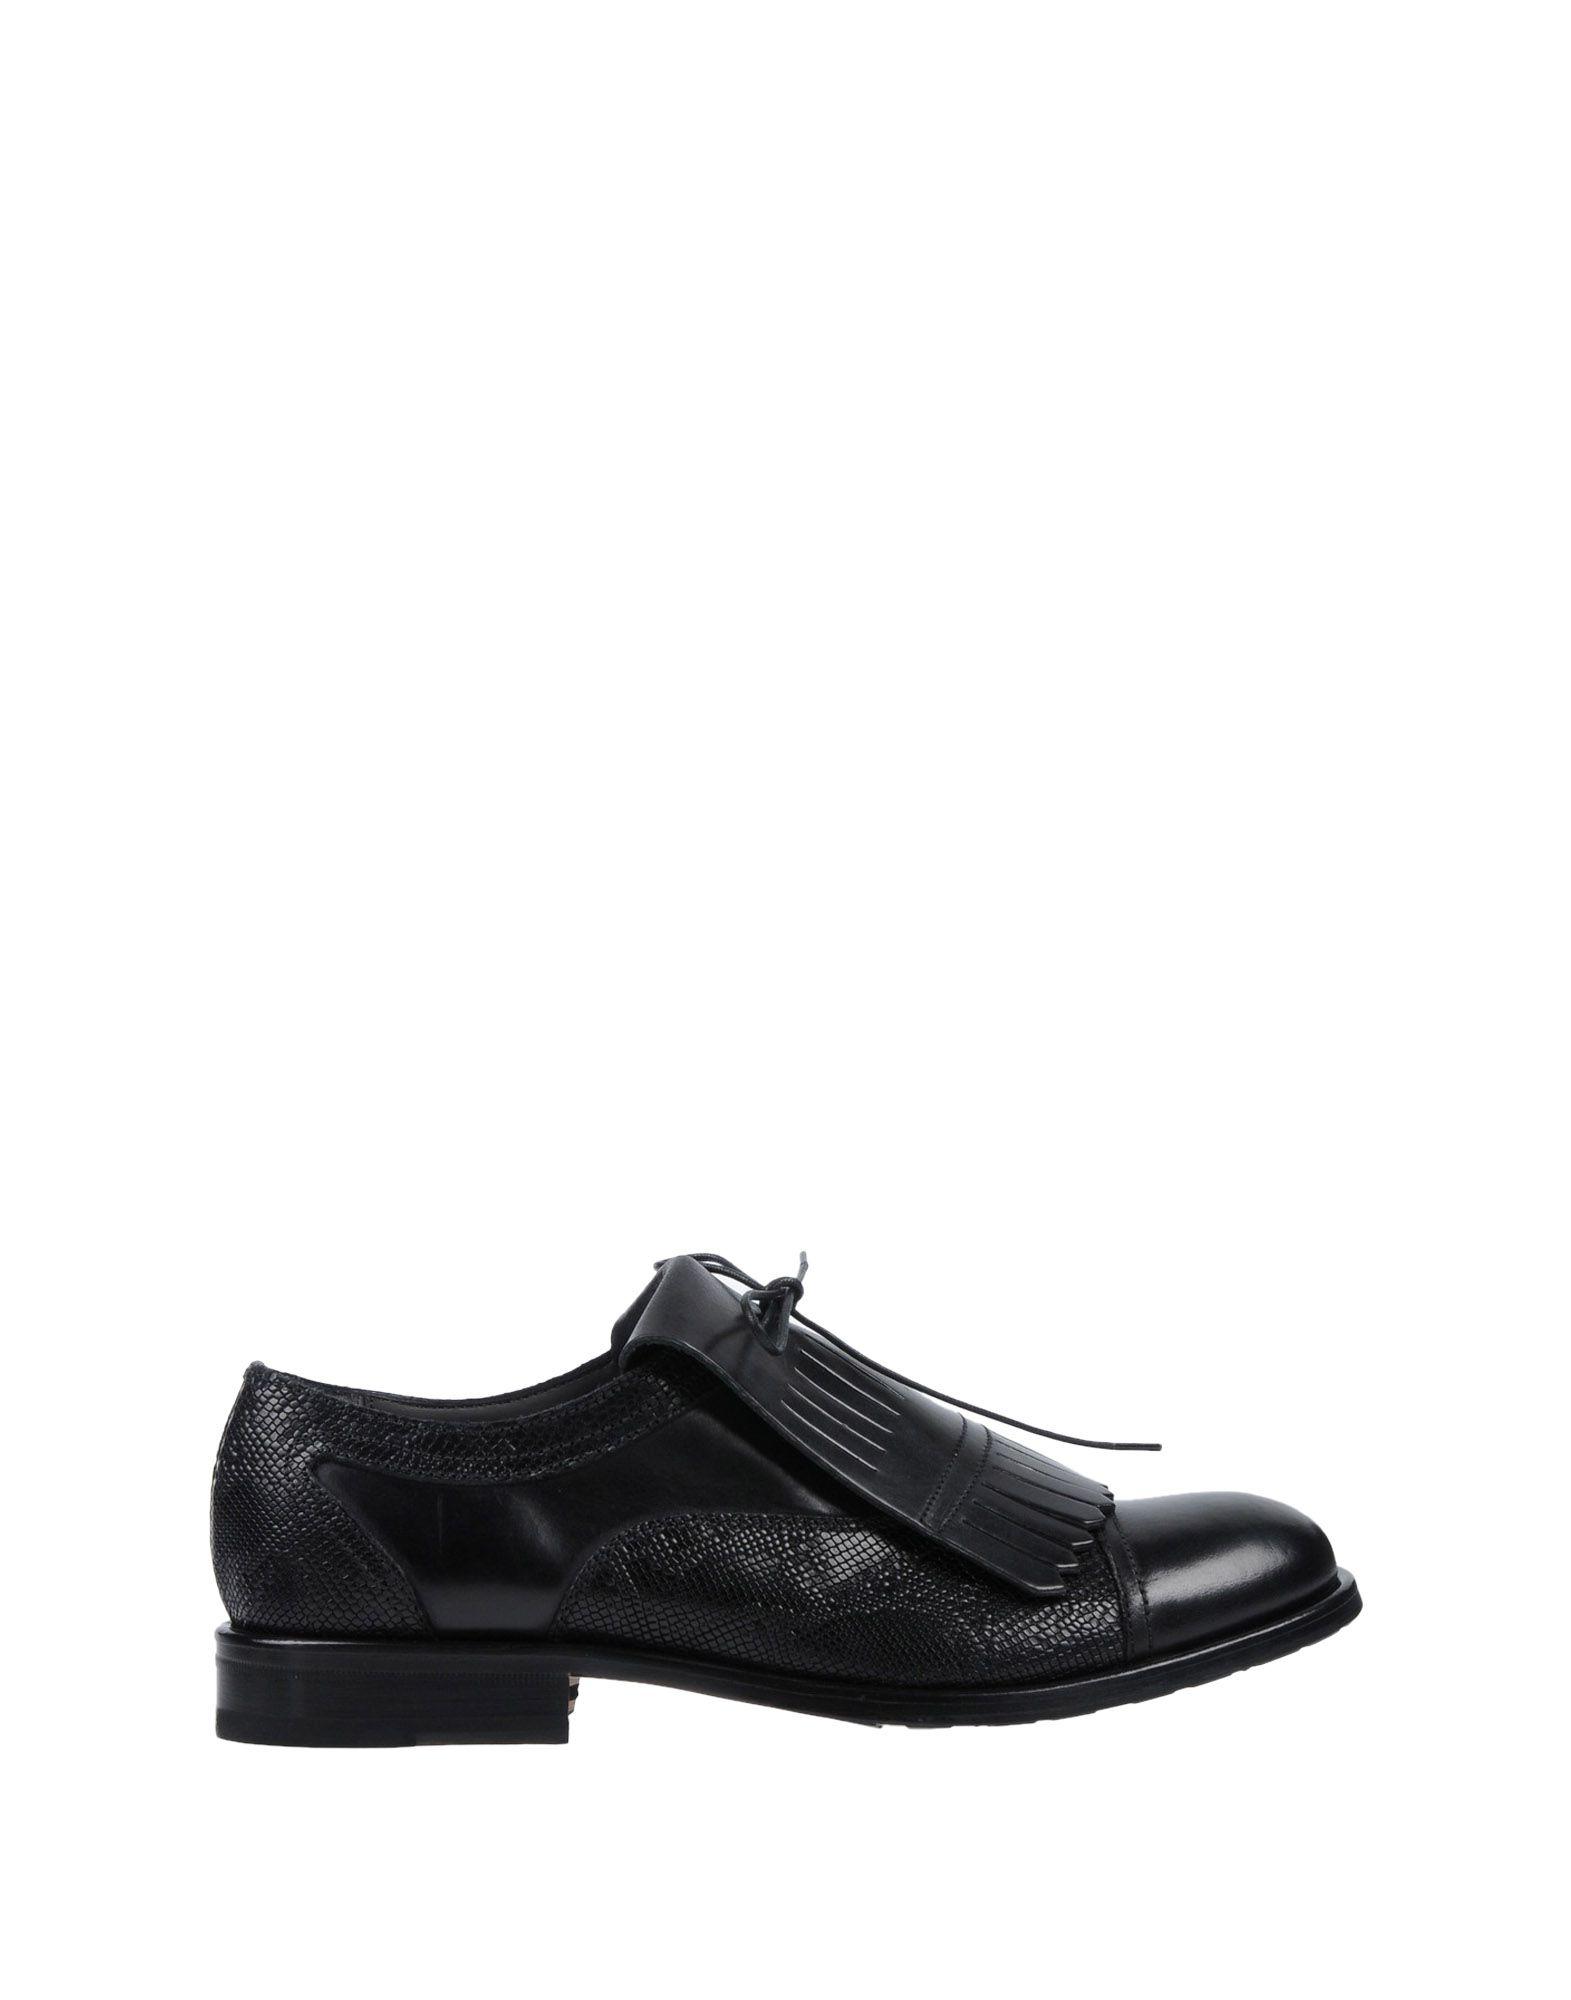 Pollini Schnürschuhe Herren  11448340CF Gute Qualität beliebte Schuhe